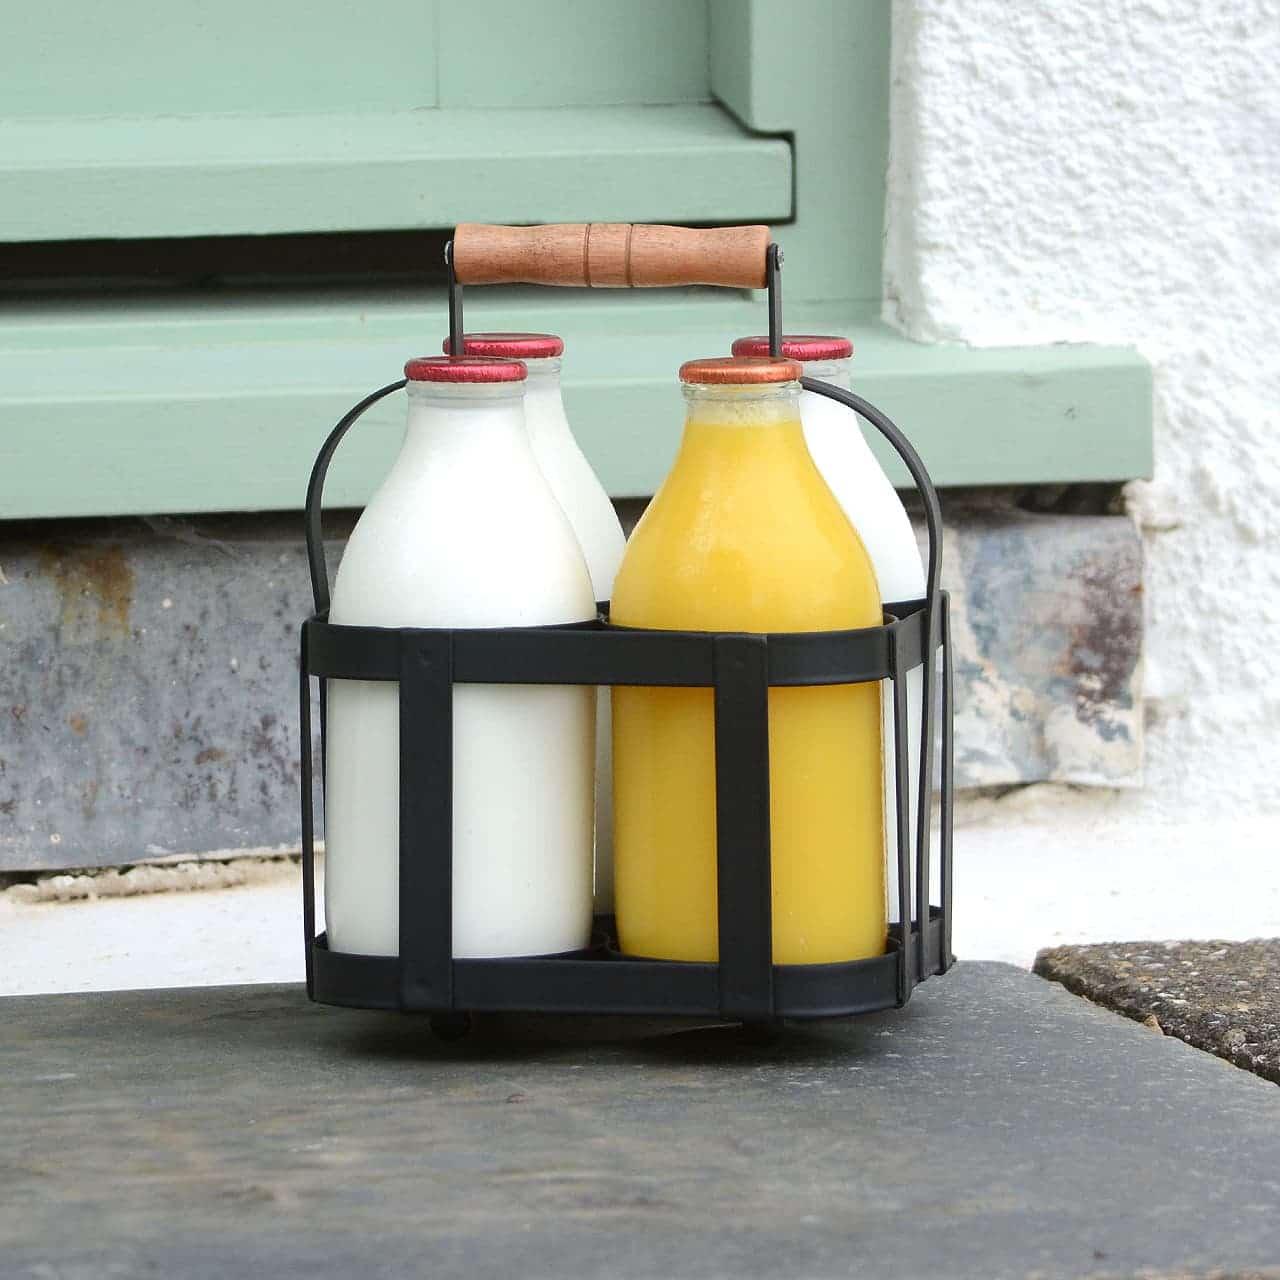 transporteur de livraison de bouteille de lait en acier enduit de poudre vintage tenir 4 bouteilles